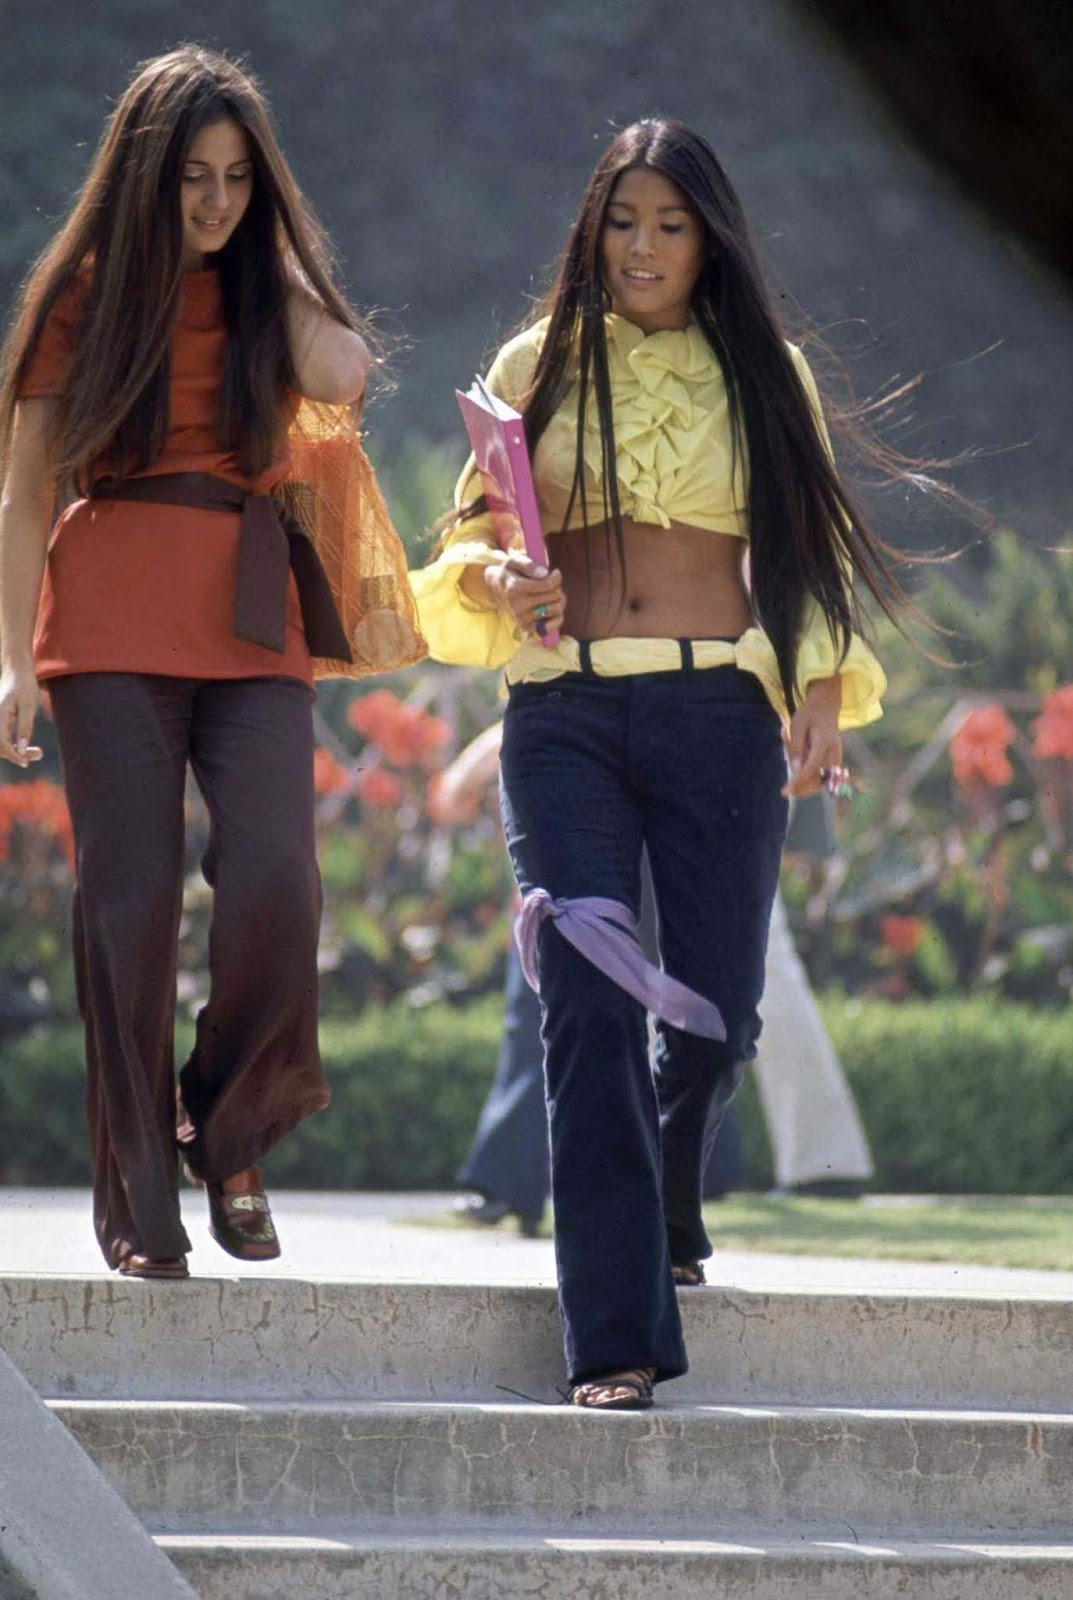 """Поредица от снимки, заснети от Артър Шатц за сп. """"Лайф"""" през есента на 1969 г., запечатват един доста интересен период от историята, а именно ерата на """"новите свободи"""" или т.нар. """"хипи ера"""". Дълги коси, плитки, ресни и панталони – чарлстон, са само част от типичния за това време стил. Крещящите цветове и ярките десени са неотлъчна част от облеклото на младежите, изповядващи хипи културата и това ясно може да бъде забелязано на снимките от периода."""